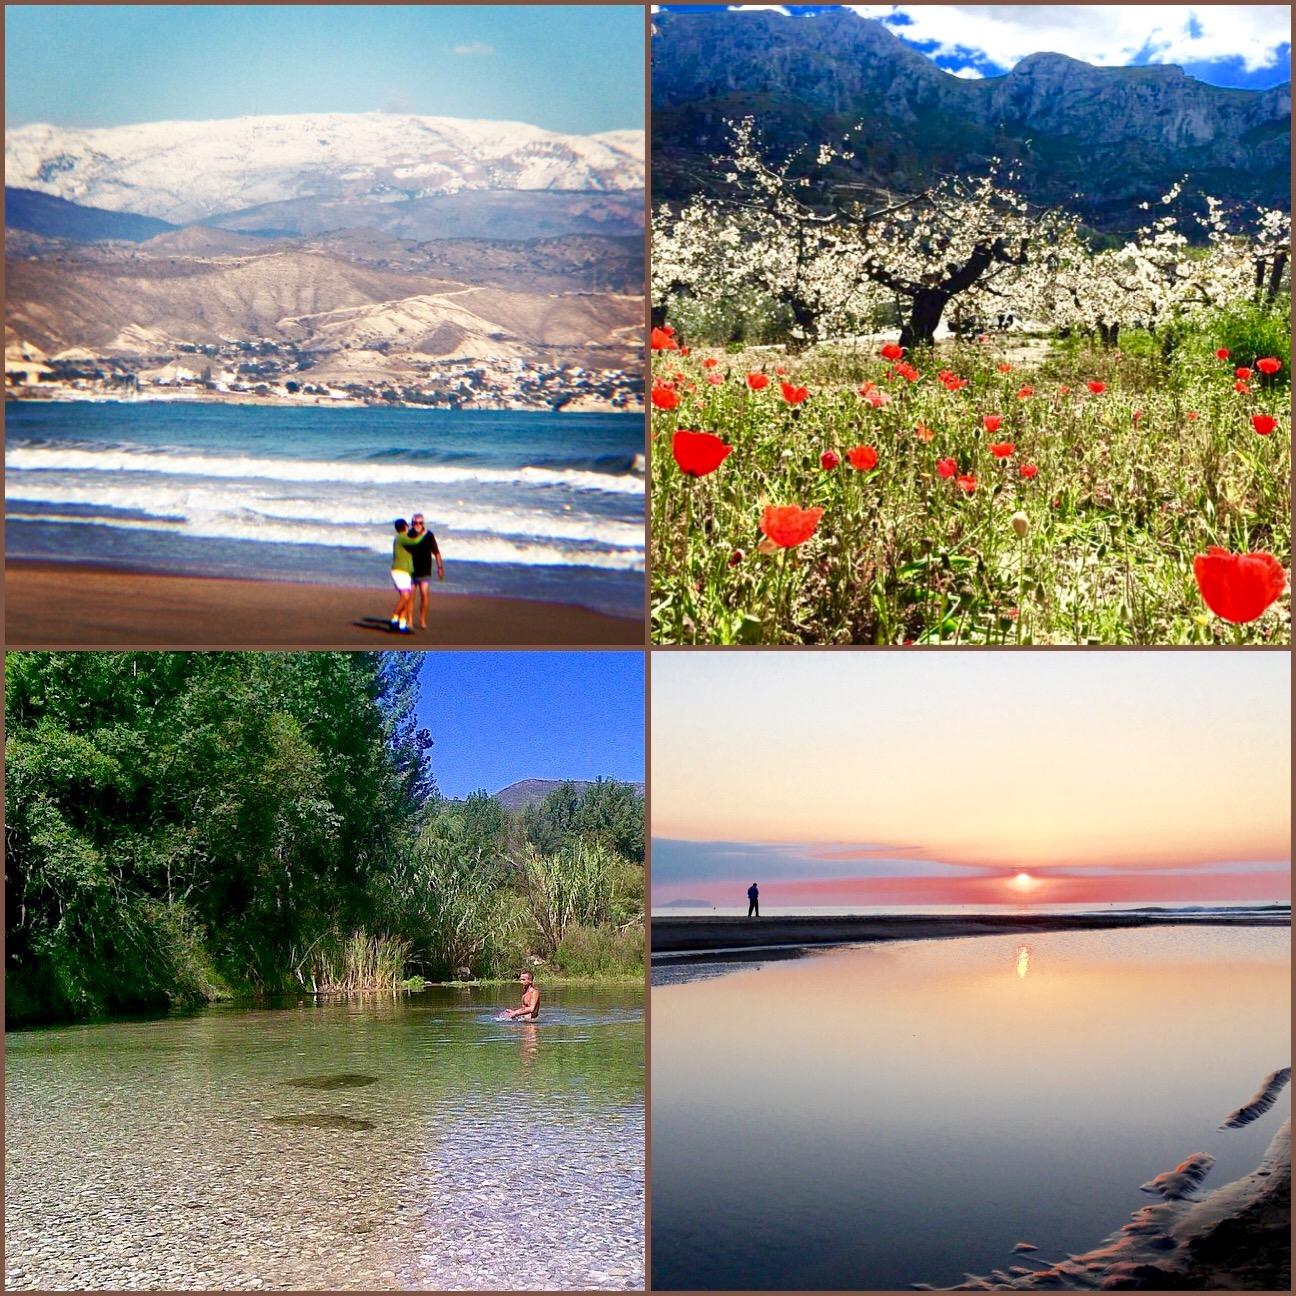 Alicante: Mar, campo y montaña.